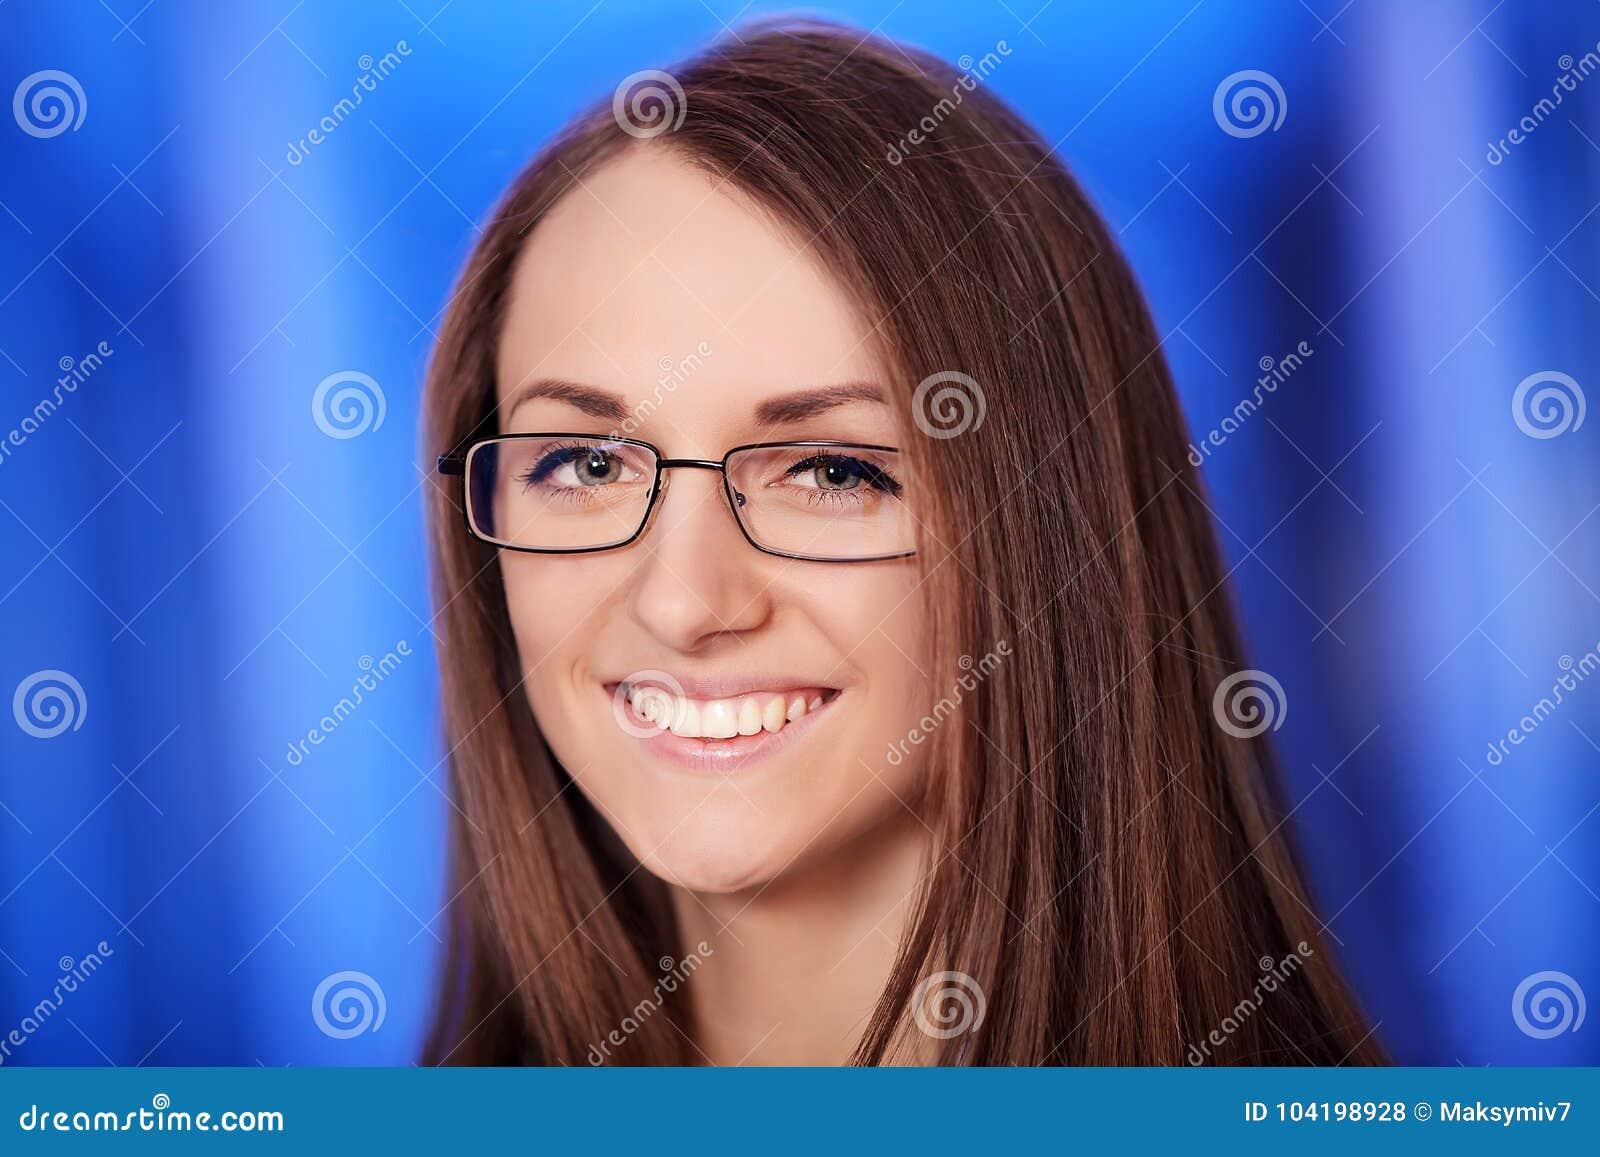 Medicina El retrato del headshot del primer de amistoso, alegre, sonriendo, la mujer confiada, profesional de la atención sanitar